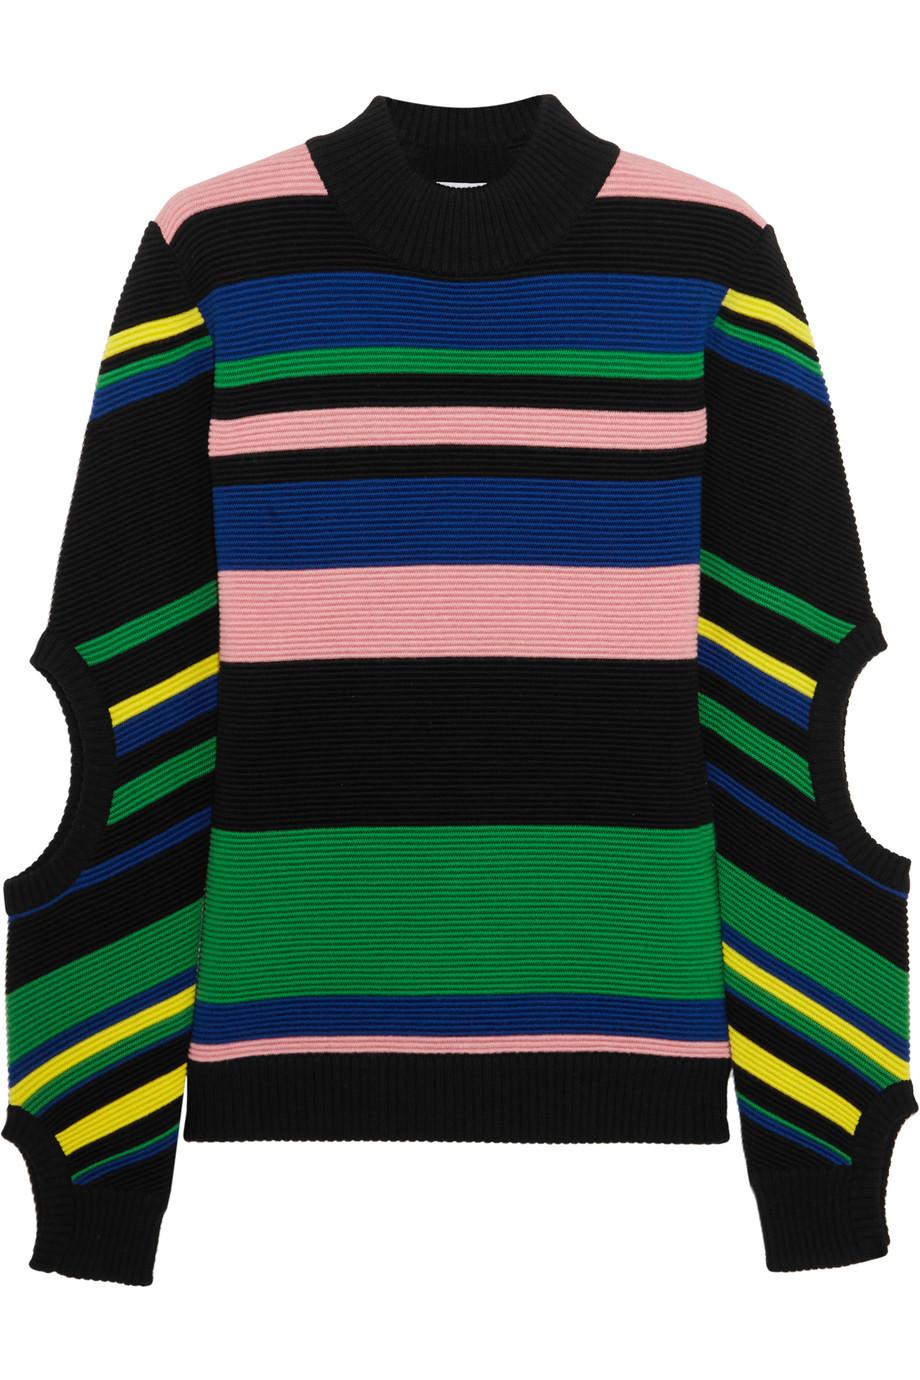 J.W.Anderson Striped Ribbed Merino Wool Turtleneck Sweater, Black/Blue, Women's, Size: XS